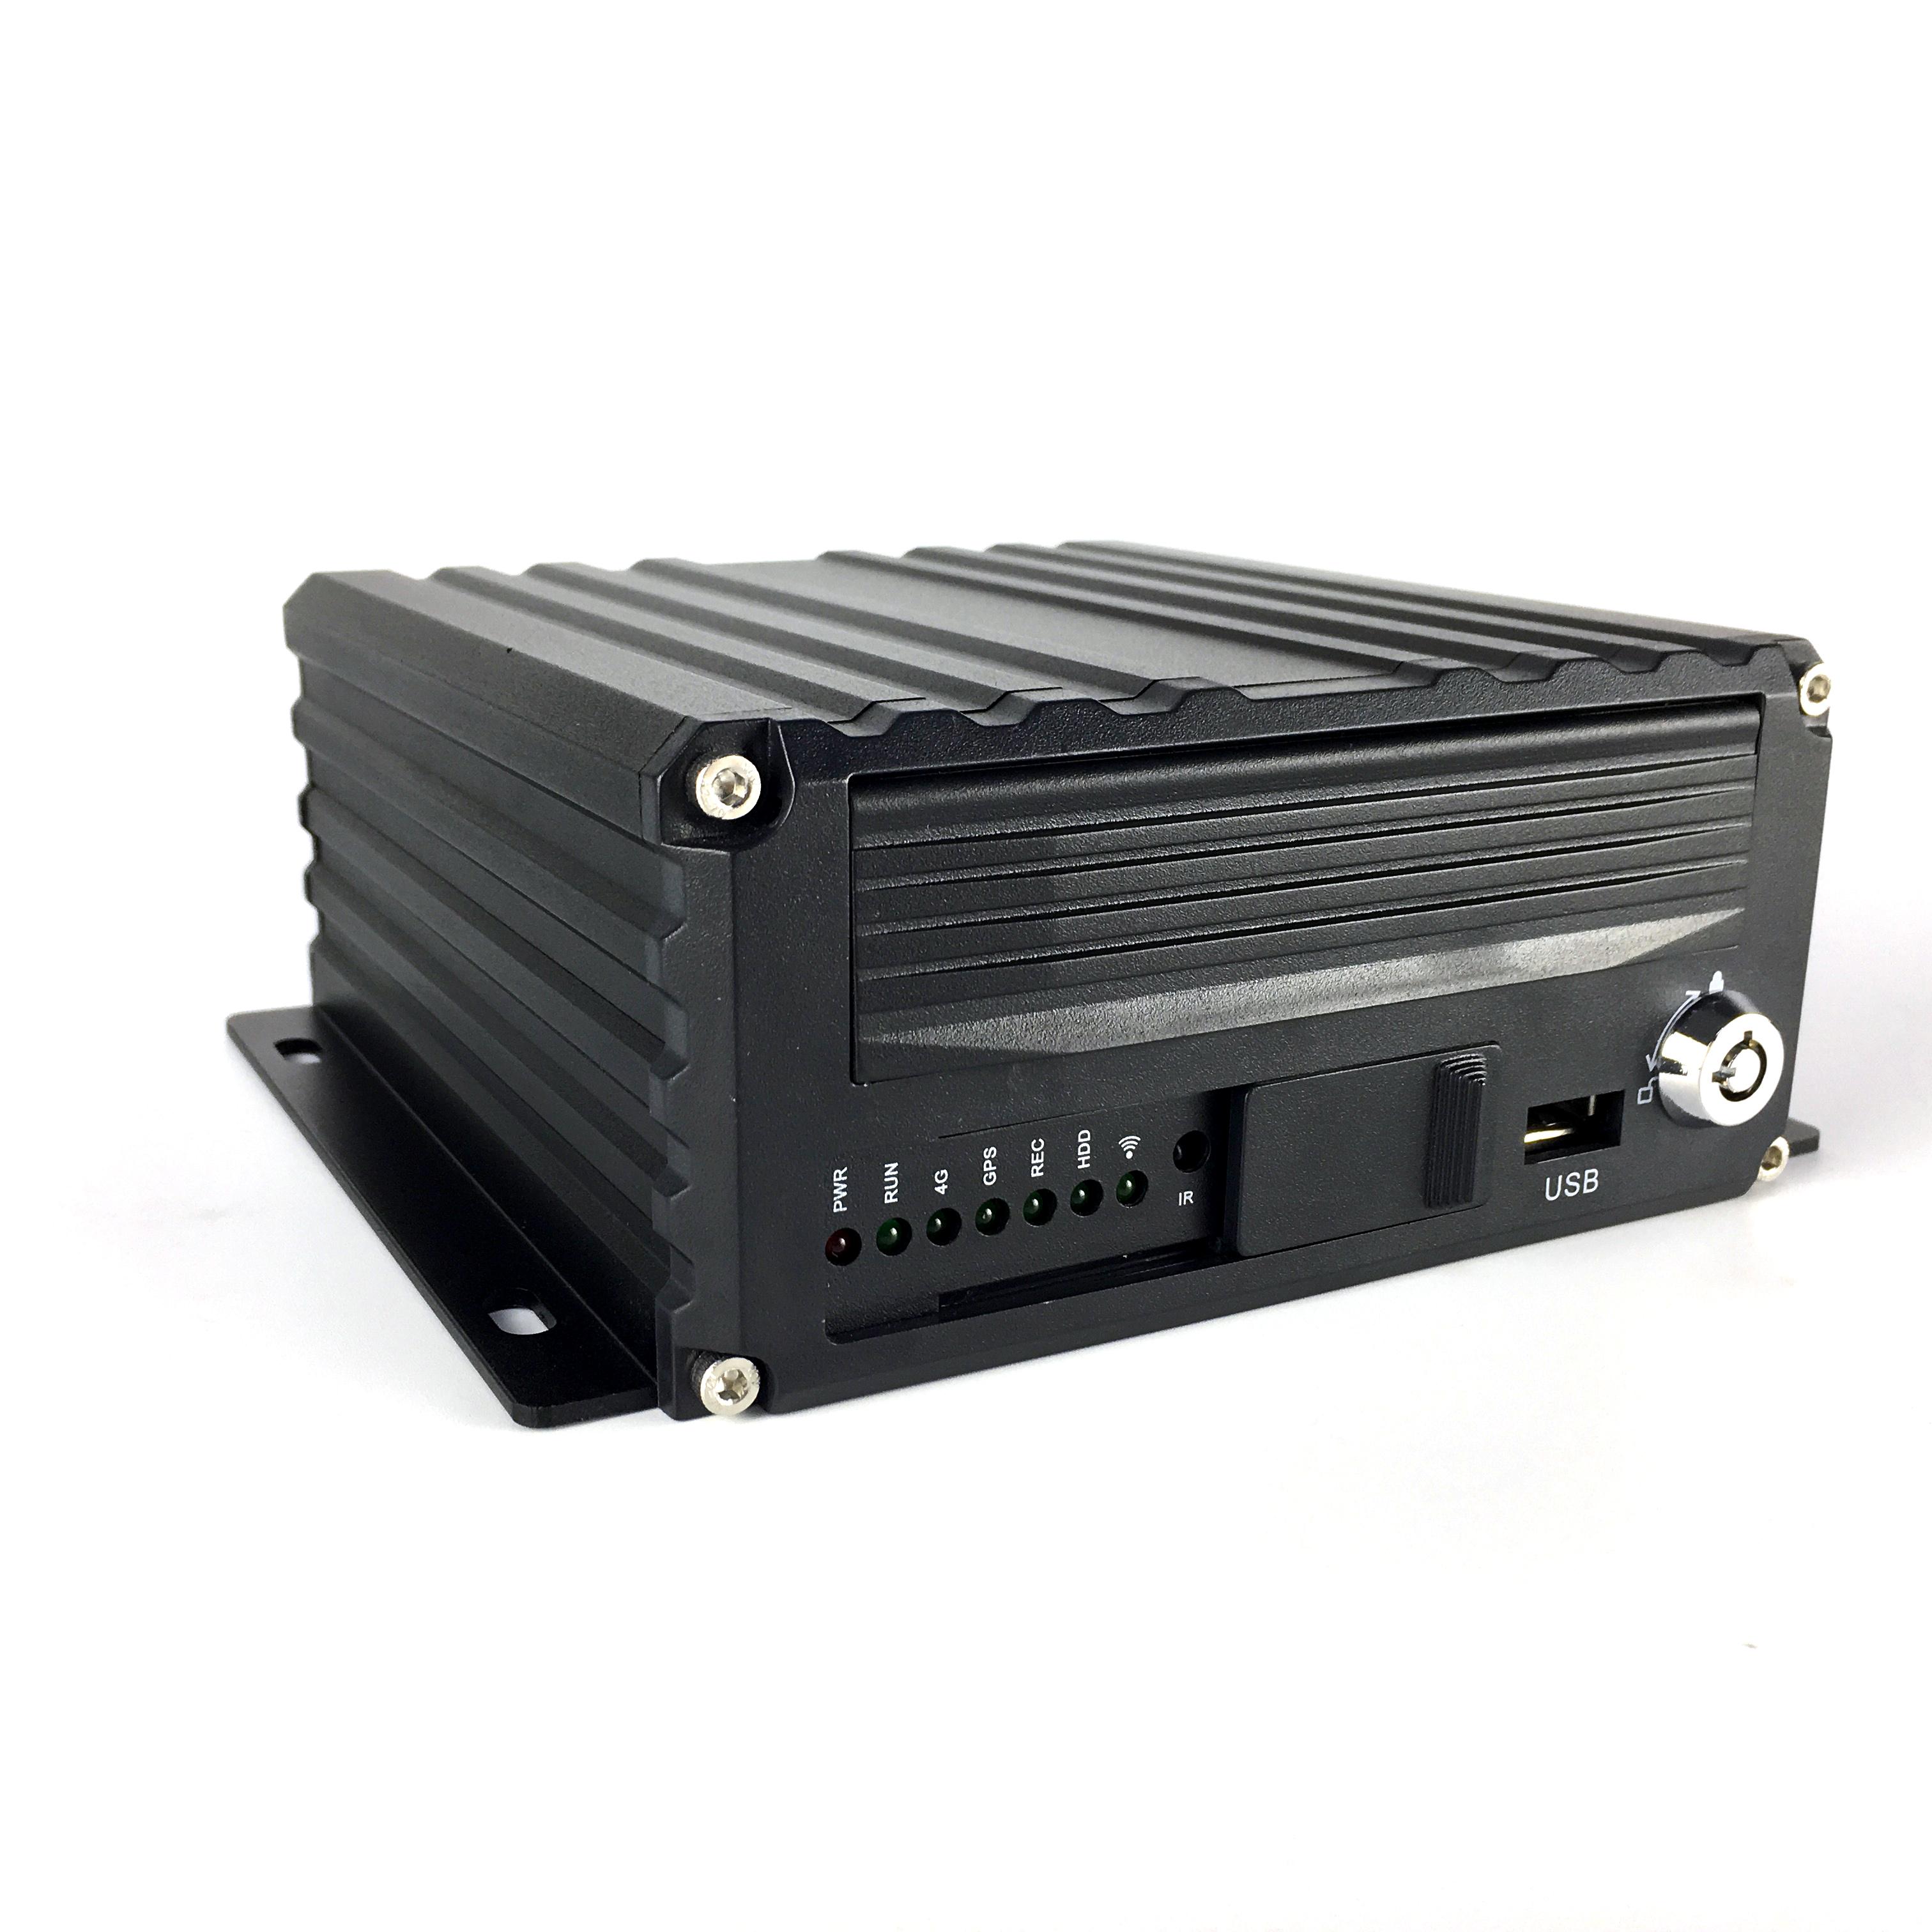 4路720P硬盘车载录像机